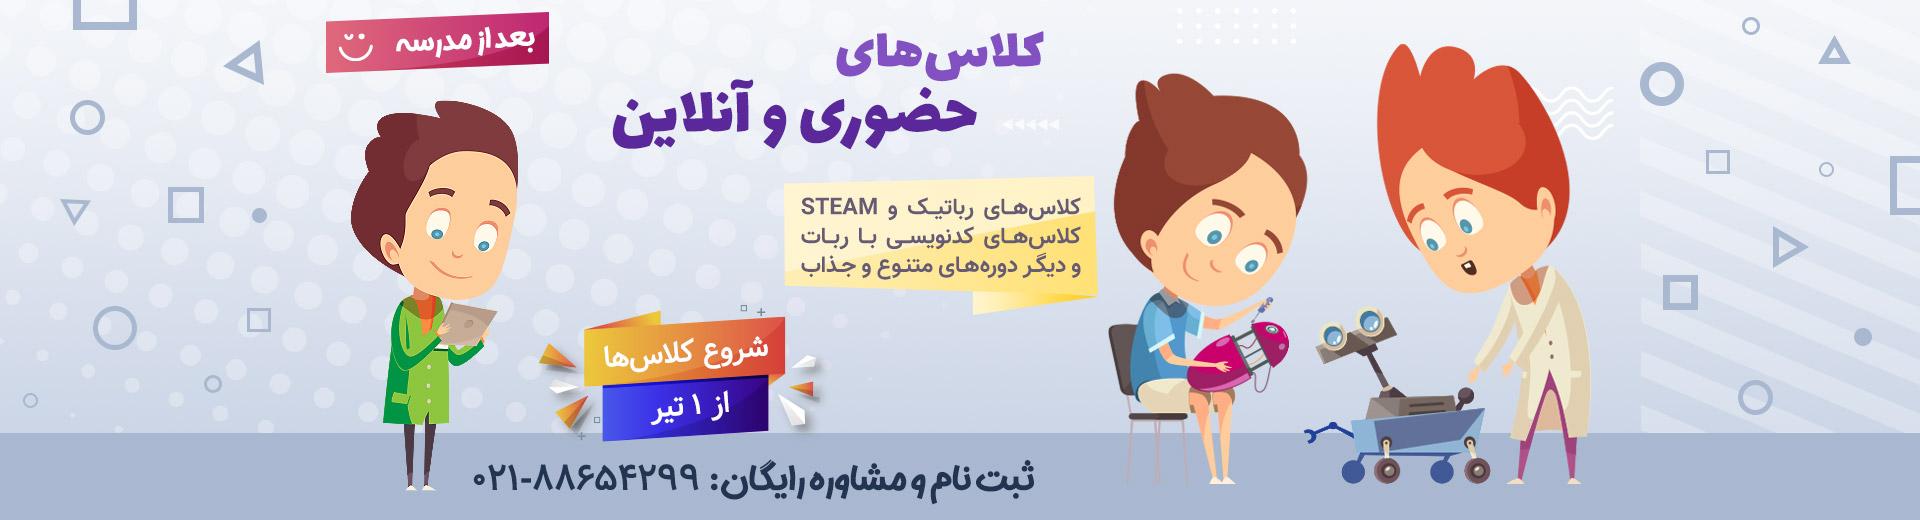 کلاسهای تابستانی آنلاین و حضوری پیشروبات